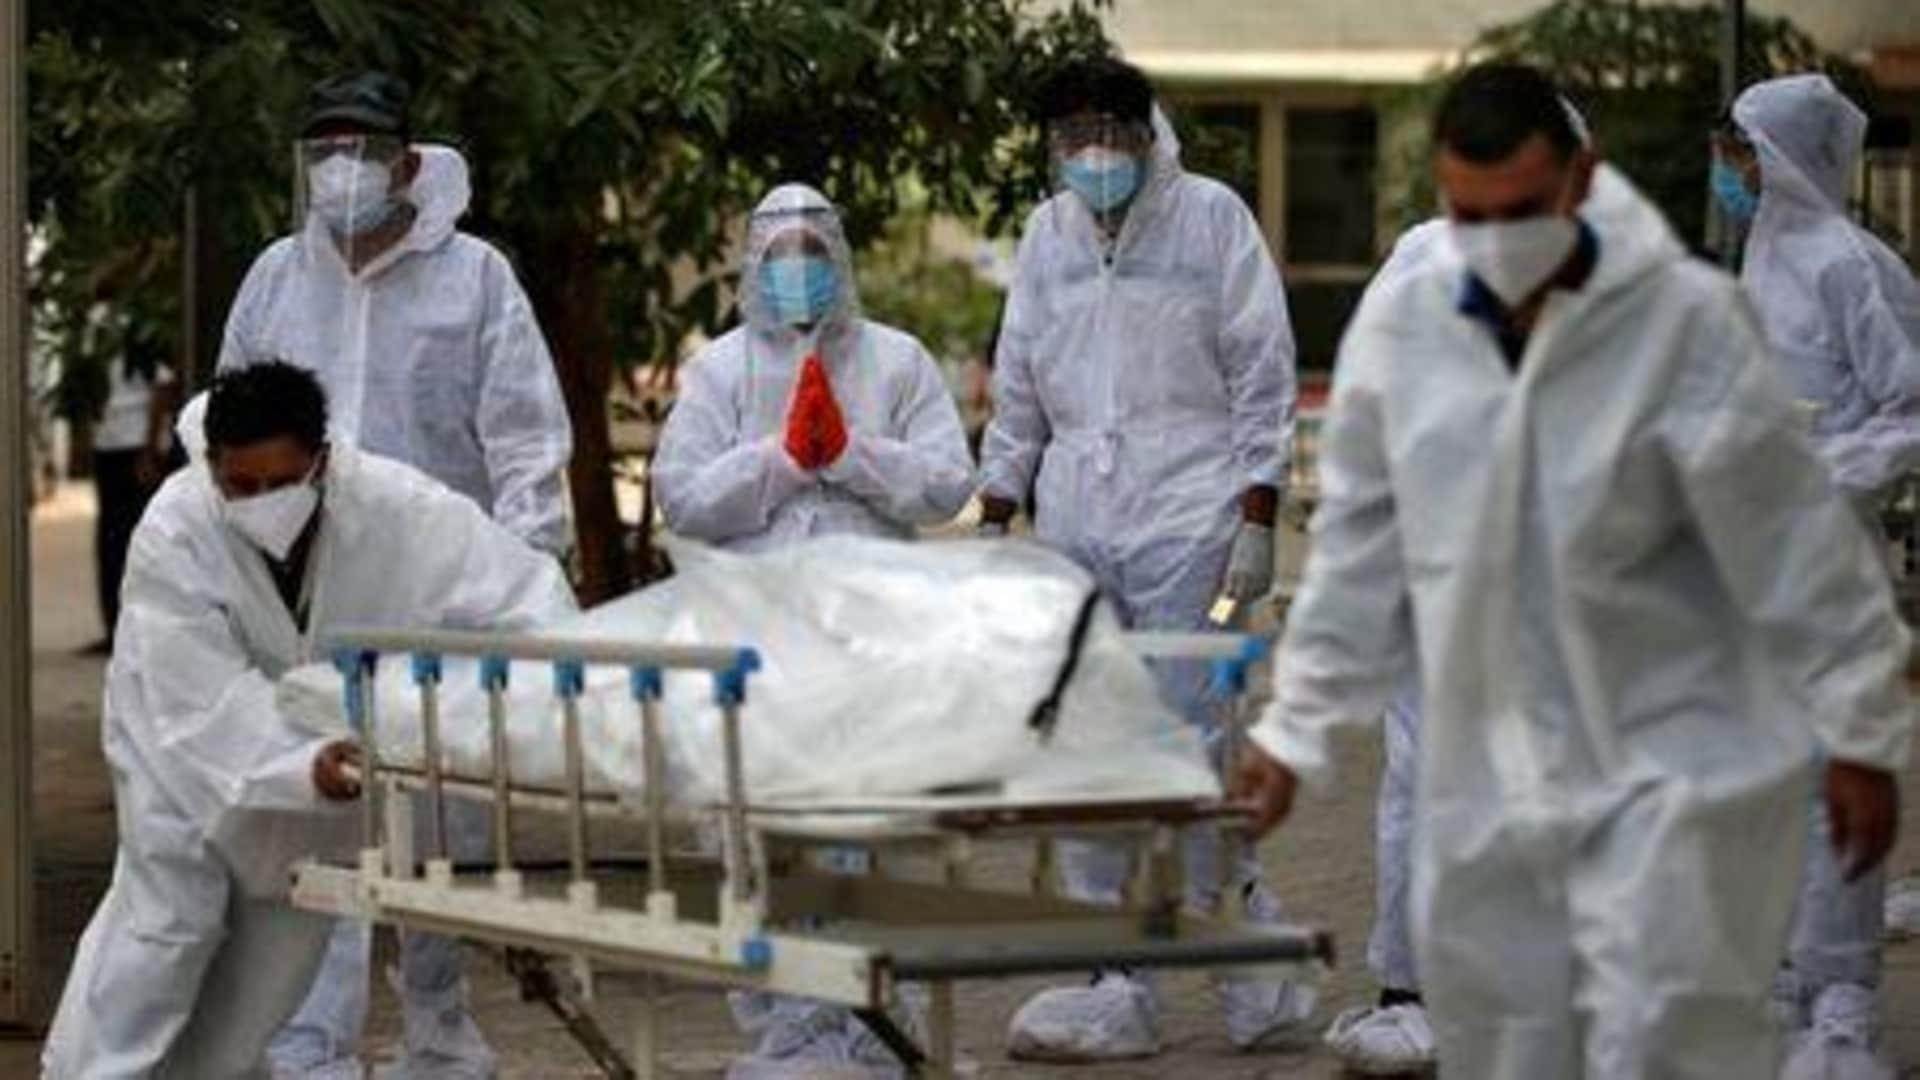 Ấn Độ huy động lực lượng y tế quốc phòng hỗ trợ đối phó với đại dịch COVID-19 - Ảnh 1.